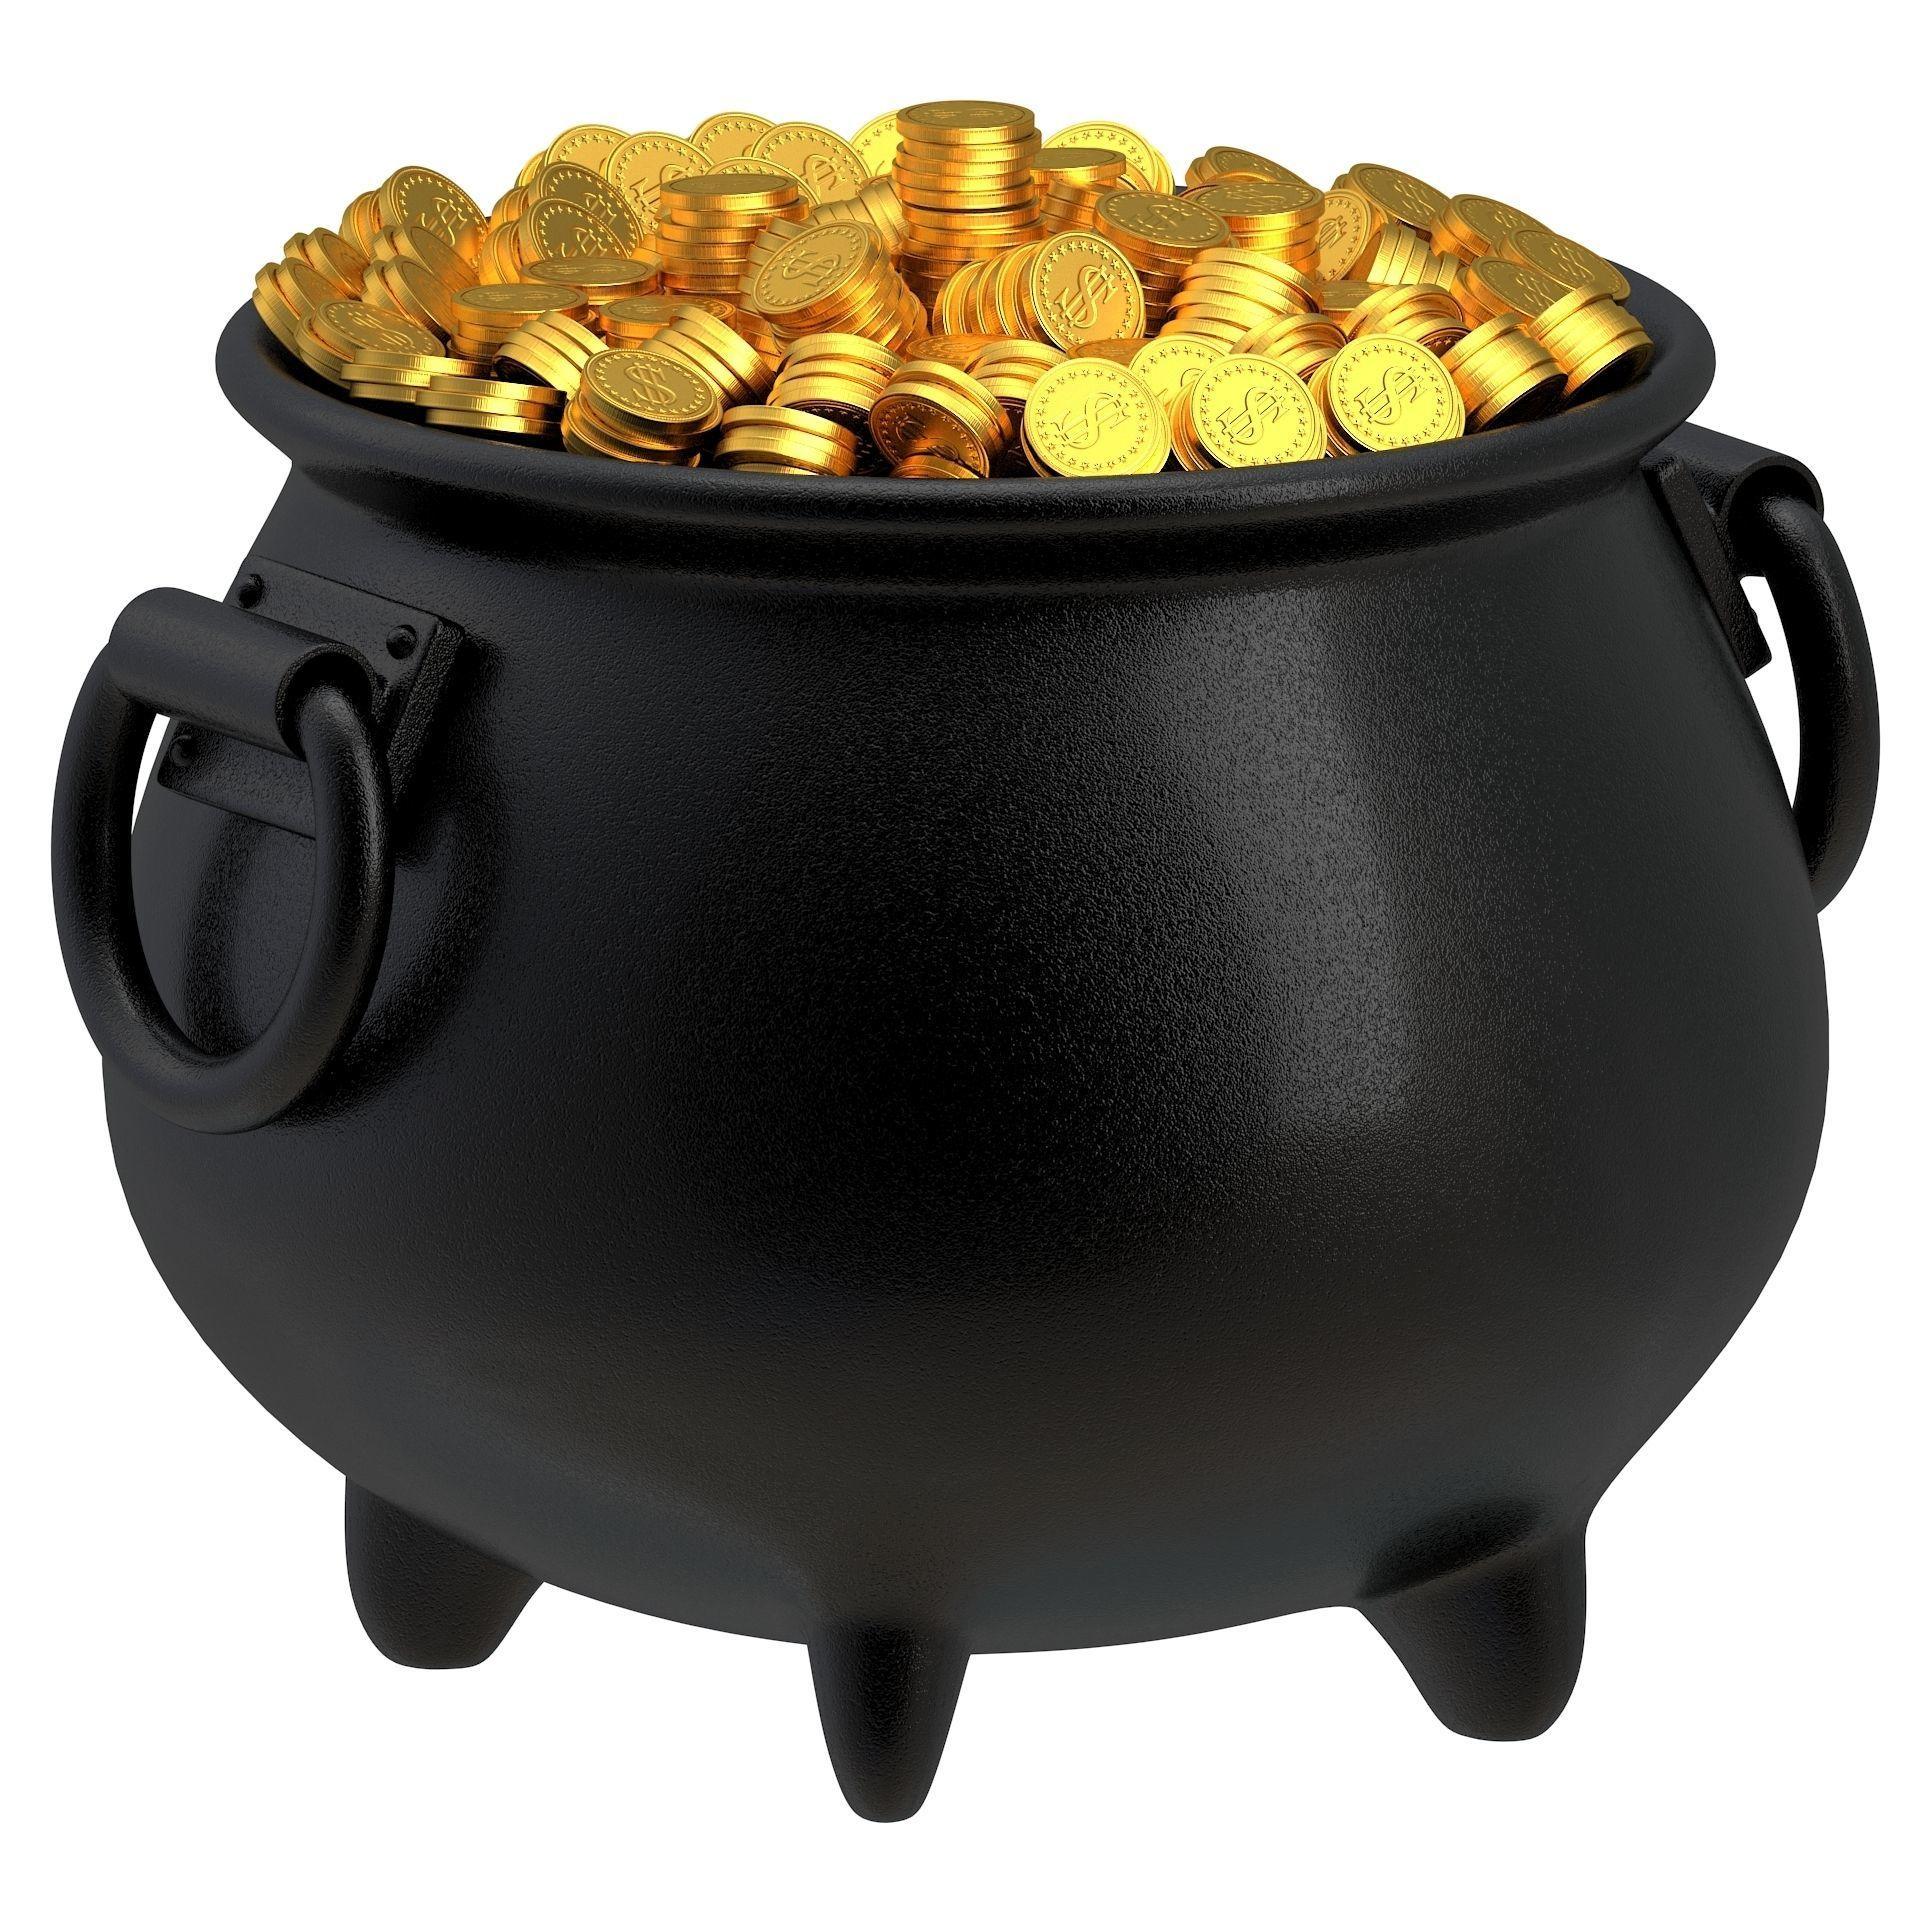 Pot of Gold 02